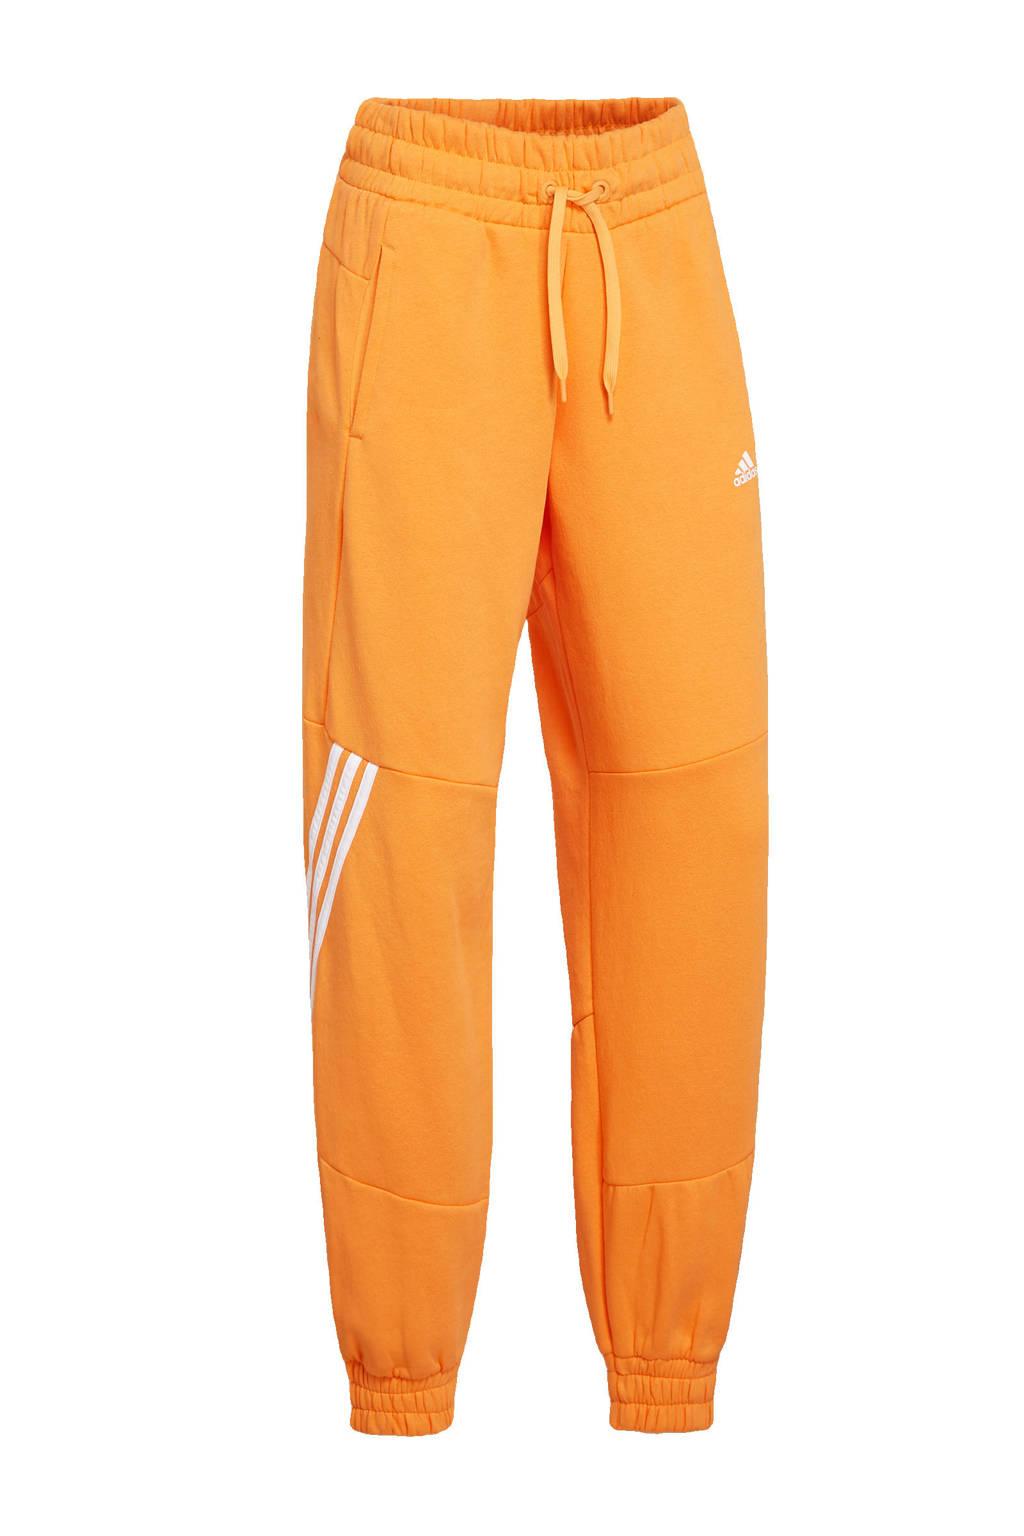 adidas Performance joggingbroek oranje/wit, Oranje/wit